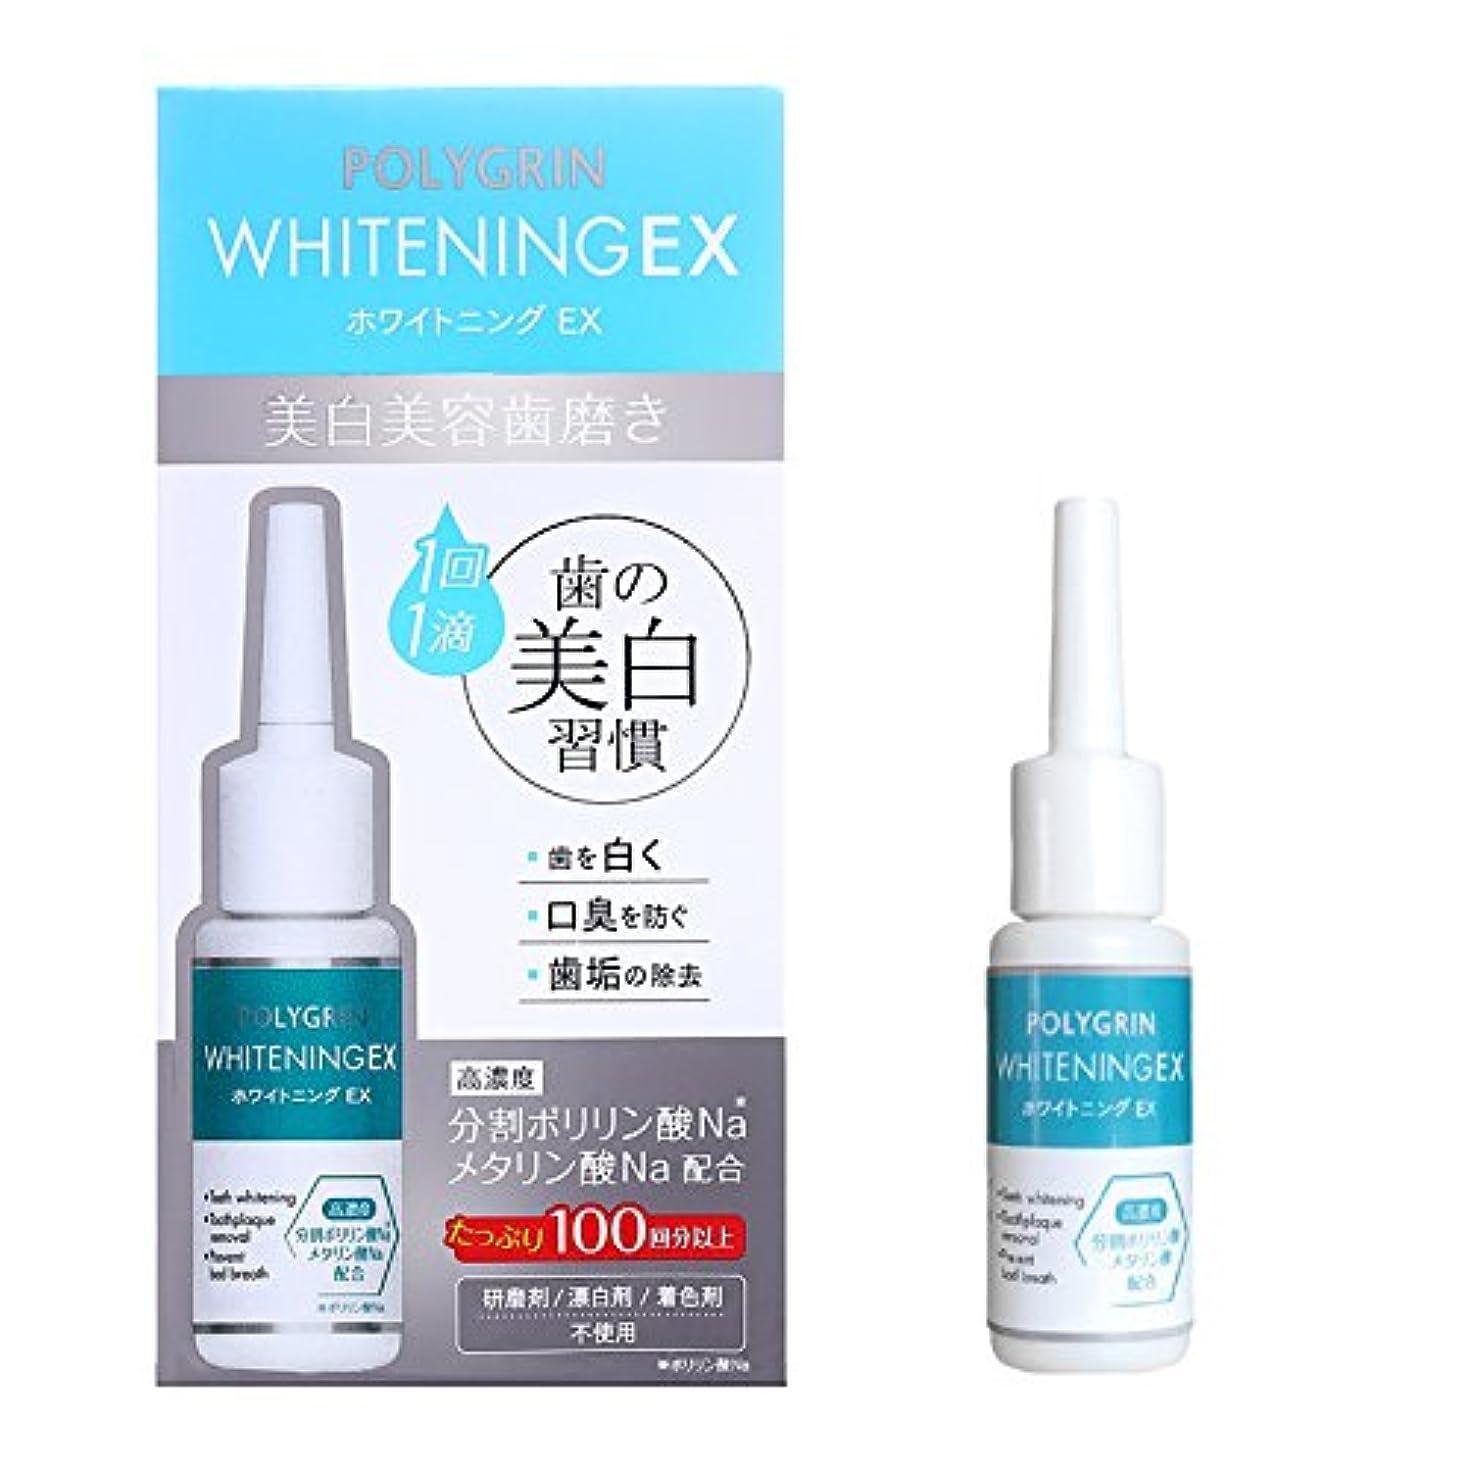 スロット安定しました粘性のポリグリン(POLYGRIN) ホワイトニングEX 10ml